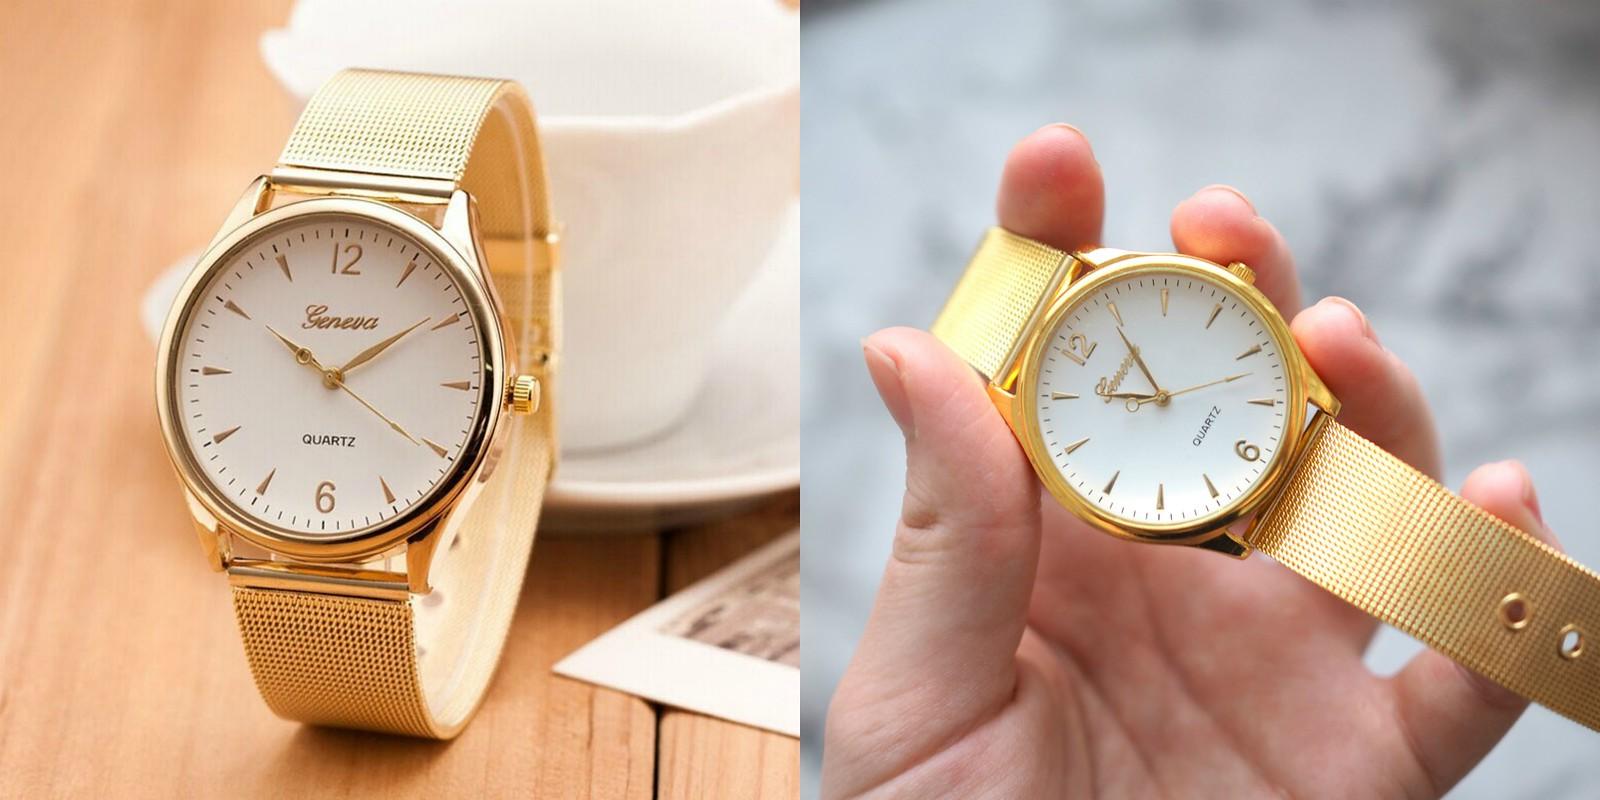 goldenwatch